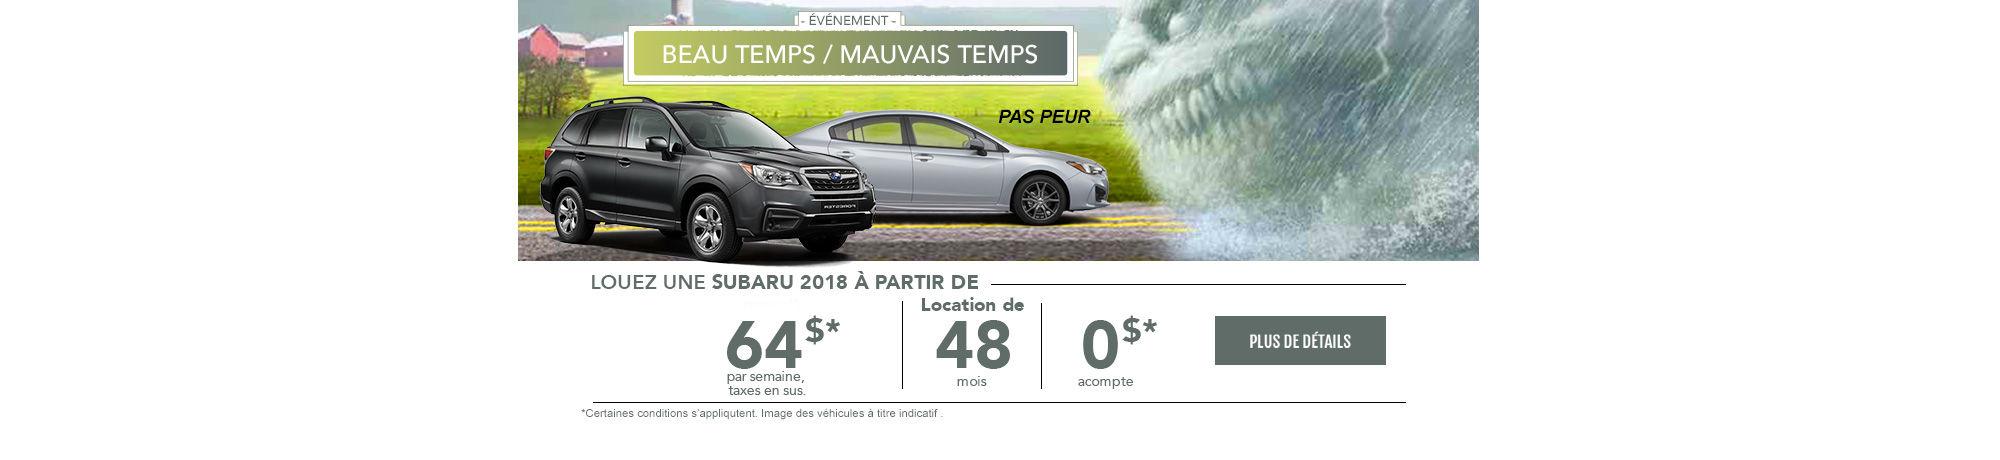 Événement mensuel chez Subaru (web)